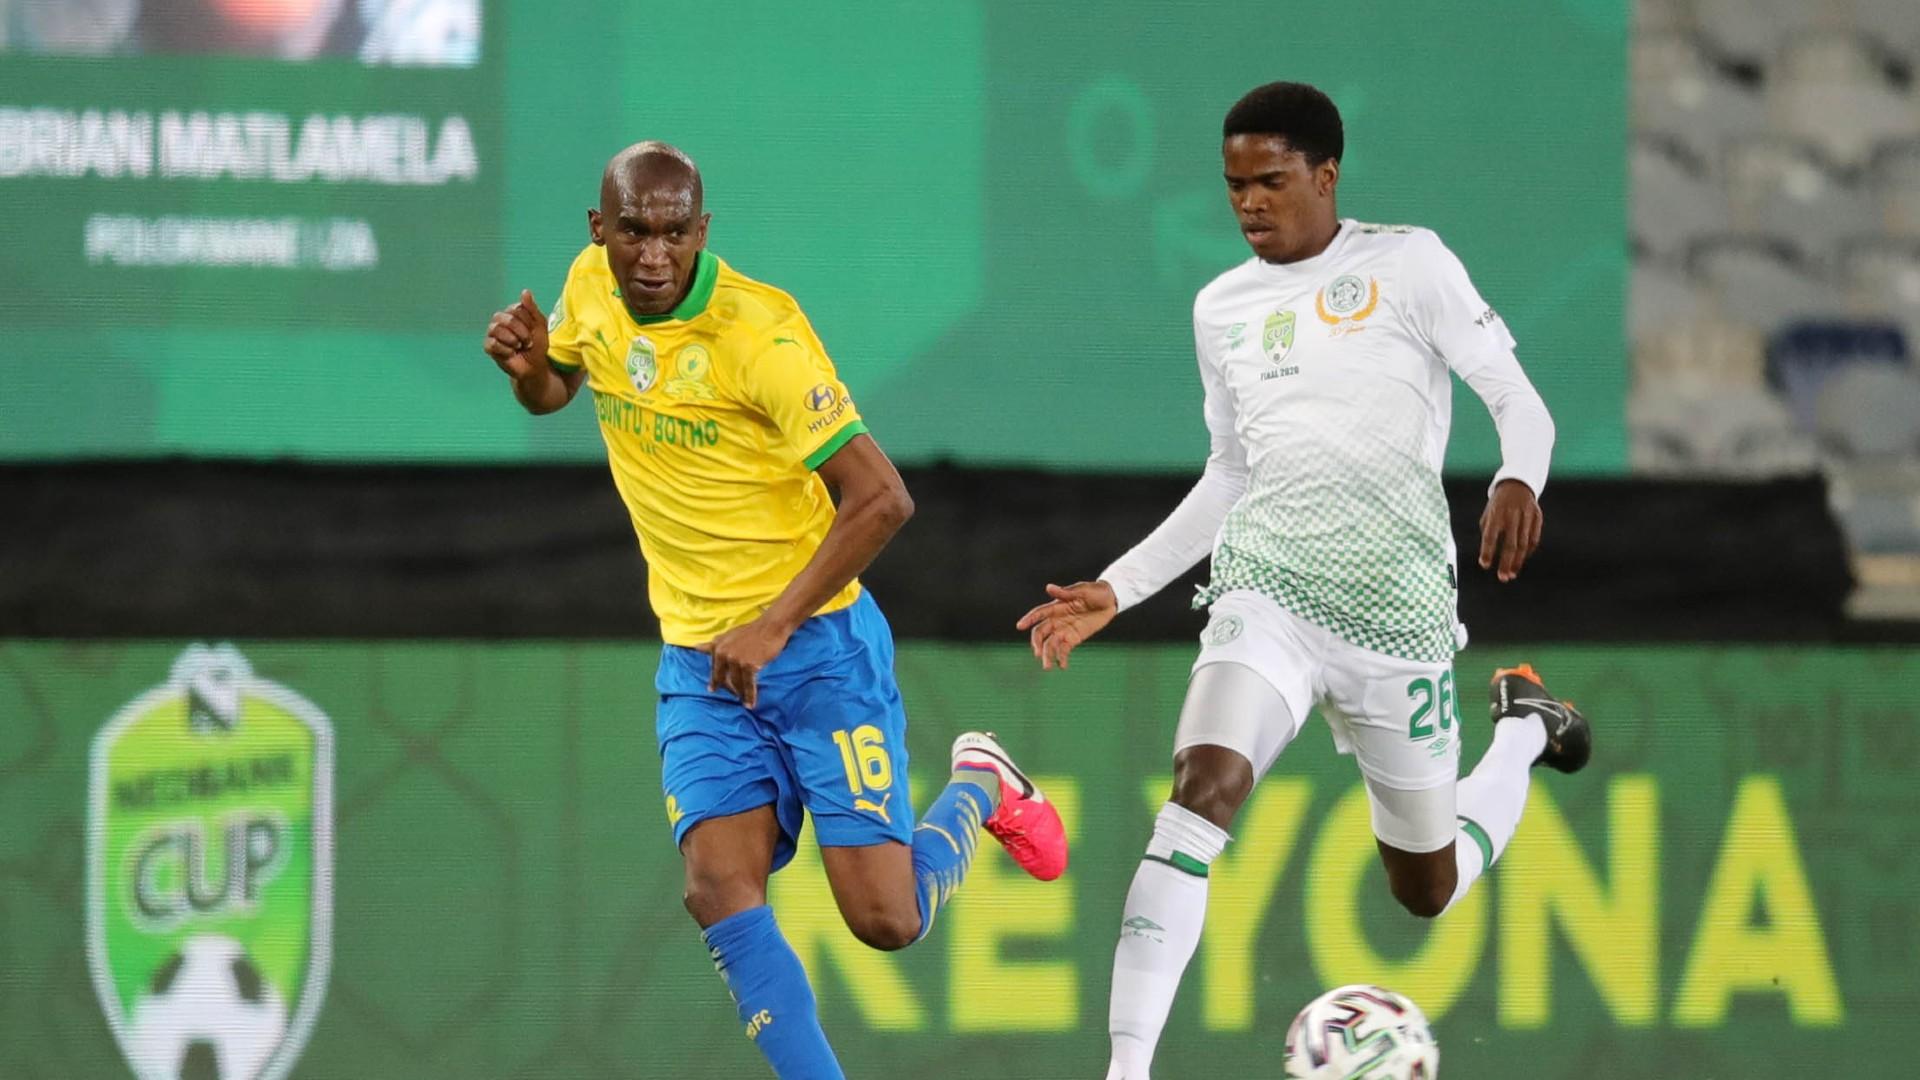 Mamelodi Sundowns struck gold by signing promising Sifiso Ngobeni - Rulani Mokwena